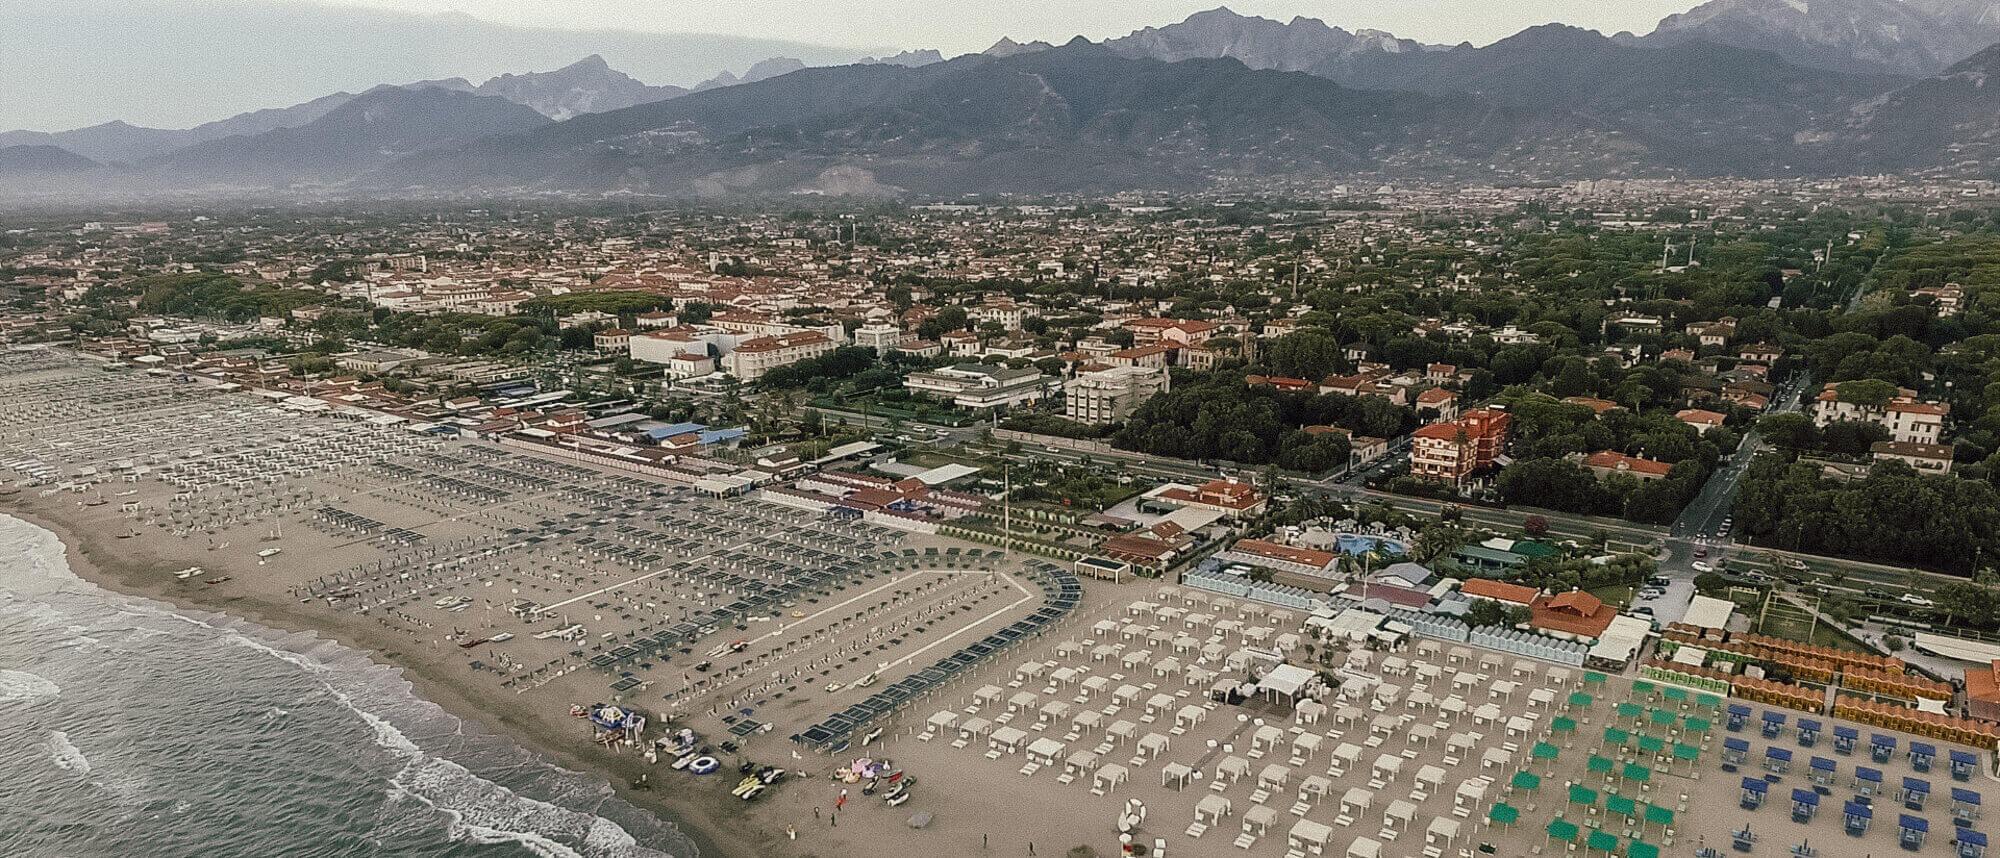 Matrimonio Esclusivo Toscana : Matrimonio esclusivo ai bagni annetta a forte dei marmi in toscana